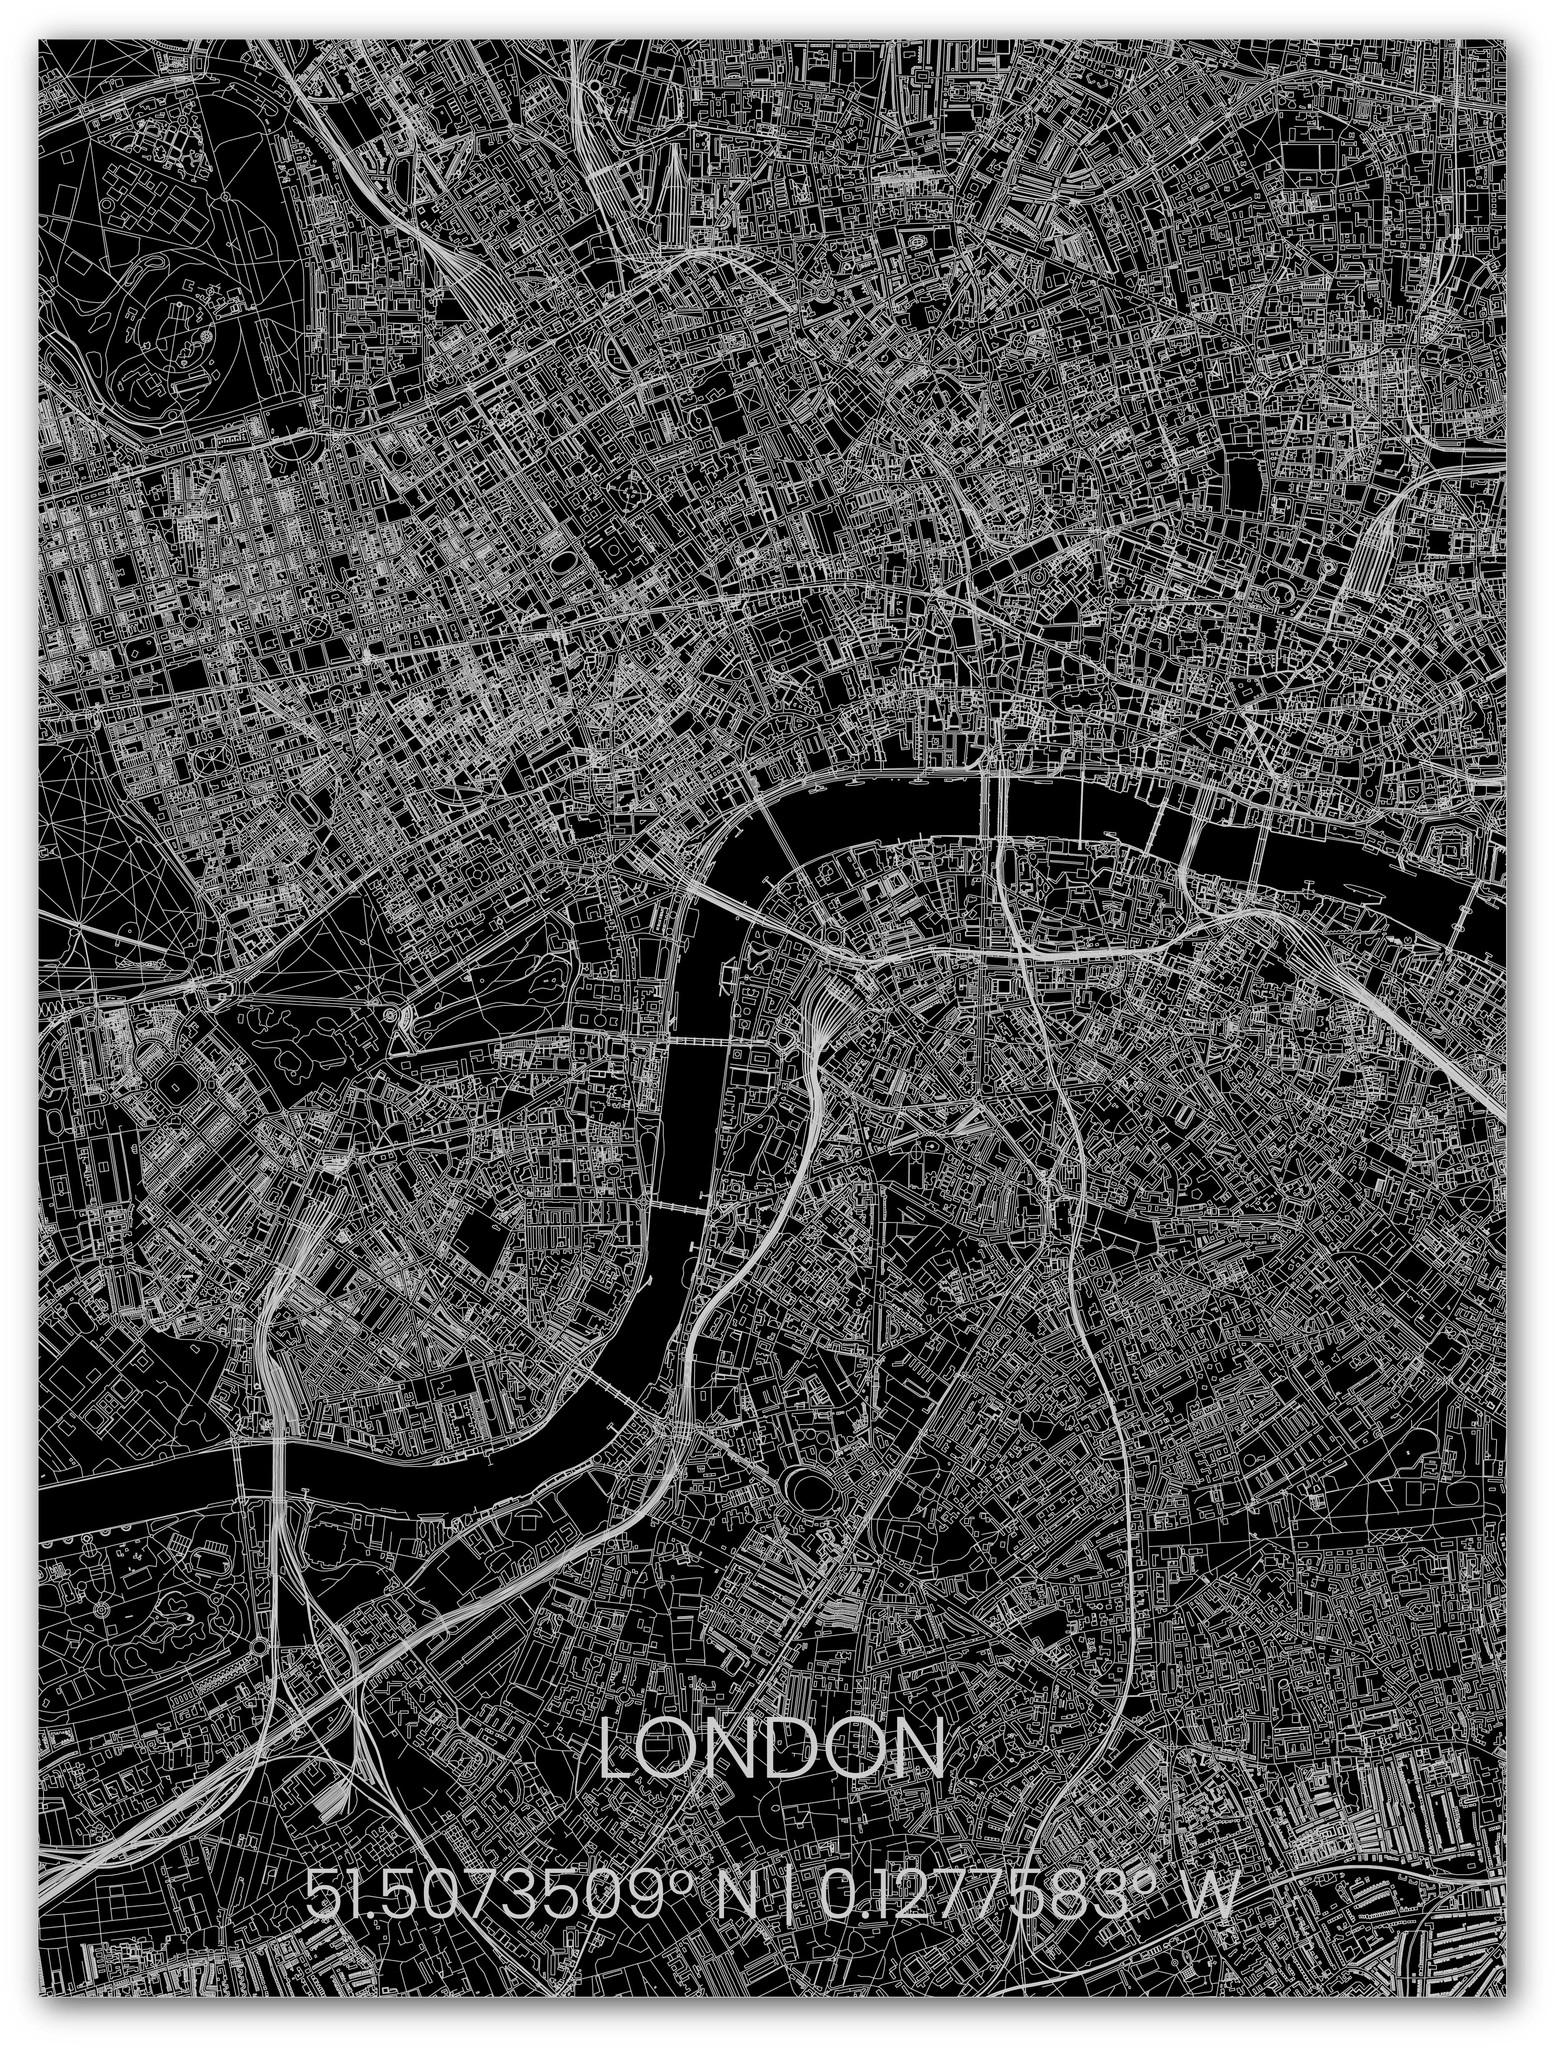 Metalen stadsplattegrond Londen-1